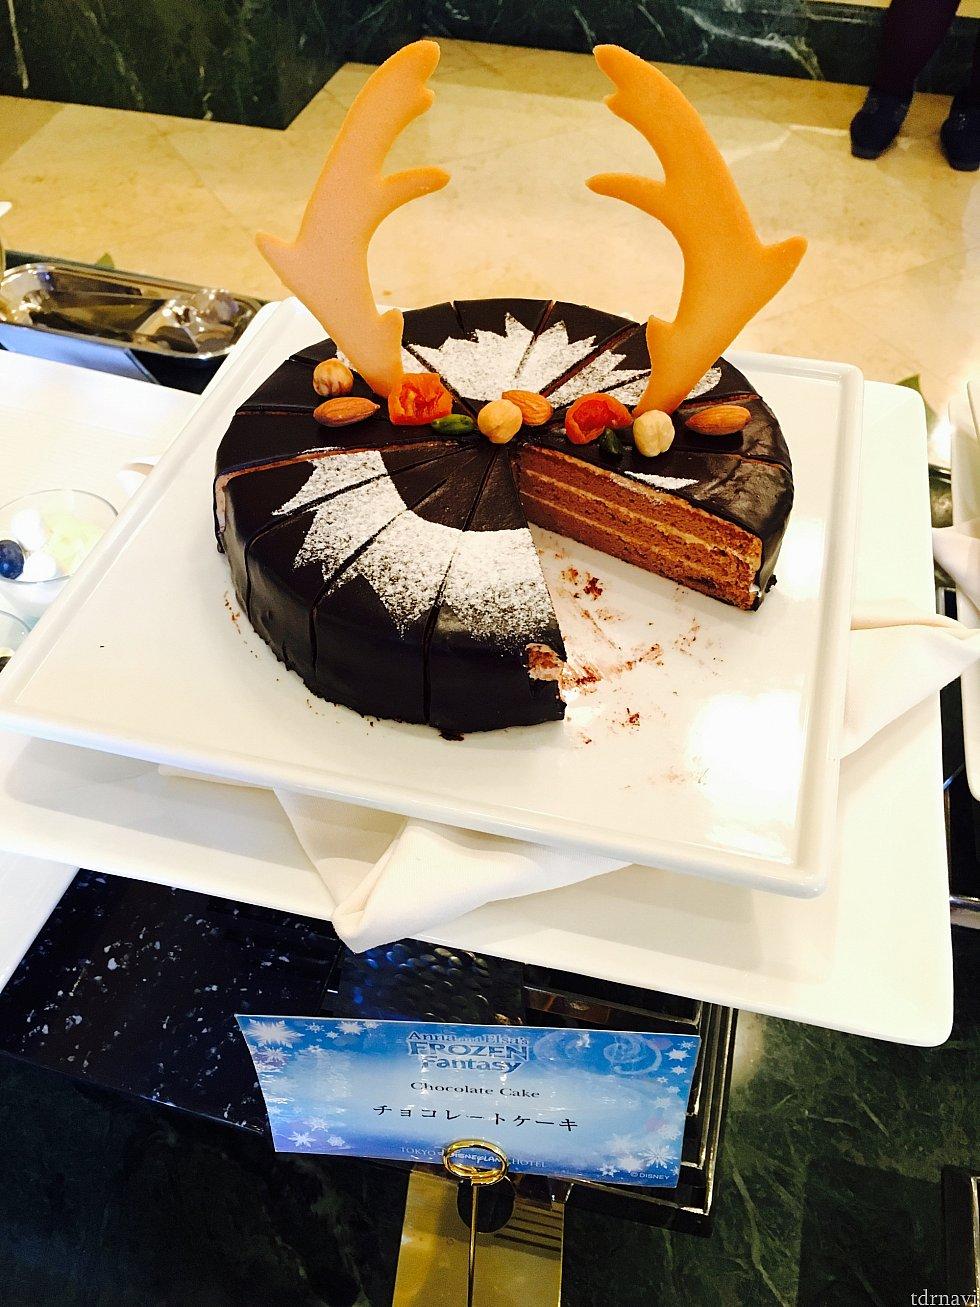 スヴェンのチョコレートケーキ。私はもっとクリームたっぷりめが好き…。